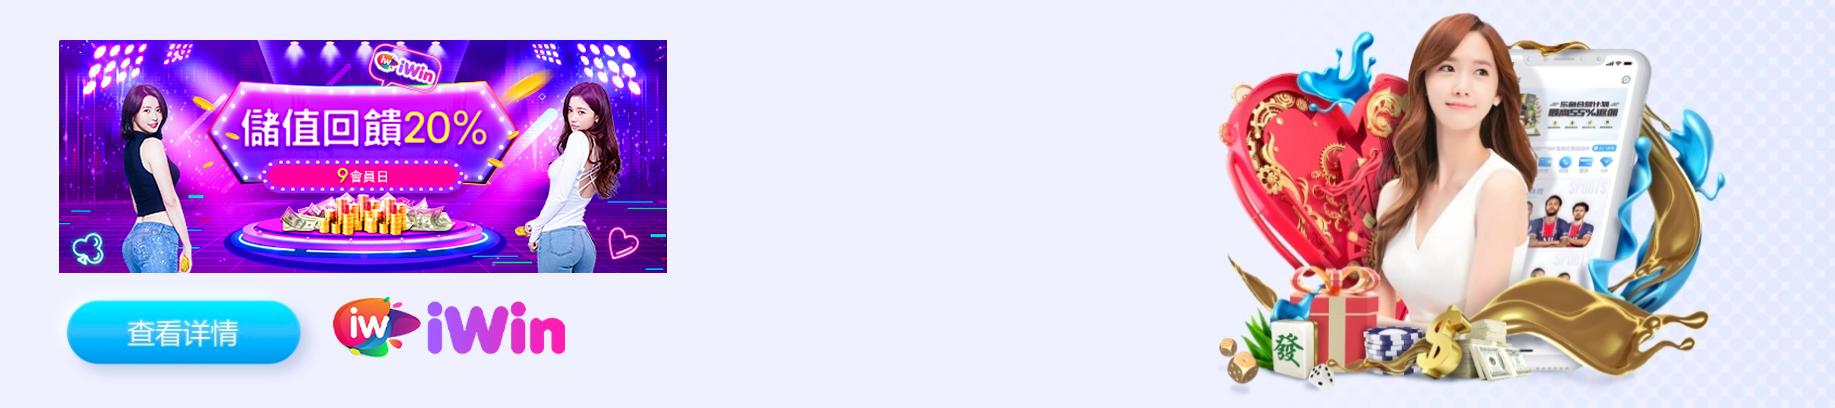 百家樂教學,百家樂攻略,百家樂推薦,百家樂賺錢,百家樂贏前,百家樂公式,百家樂算牌,百家樂規則,百家樂遊戲,百家樂入門,線上百家樂,真人百家樂,百家樂評價,百家樂分析,百家樂看路,百家樂賭場,百家樂密技,百家樂必贏,百家樂策略,百家樂致勝,歐博娛樂城,沙龍娛樂城,歐博百家樂,沙龍百家樂,WM百家樂,WM娛樂城,DG百家樂,dg娛樂城,WM百家樂破解,WM百家樂教學,WM百家樂攻略,WM百家樂推薦,WM百家樂賺錢,WM百家樂贏前,WM百家樂公式,WM百家樂算牌,WM百家樂規則,WM百家樂遊戲,WM百家樂入門,線上WM百家樂,真人WM百家樂,WM百家樂評價,WM百家樂分析,WM百家樂看路,WM百家樂賭場,WM百家樂密技,WM百家樂必贏,WM百家樂策略,WM百家樂致勝,歐博娛樂城,沙龍娛樂城,歐博百家樂,百家樂破解